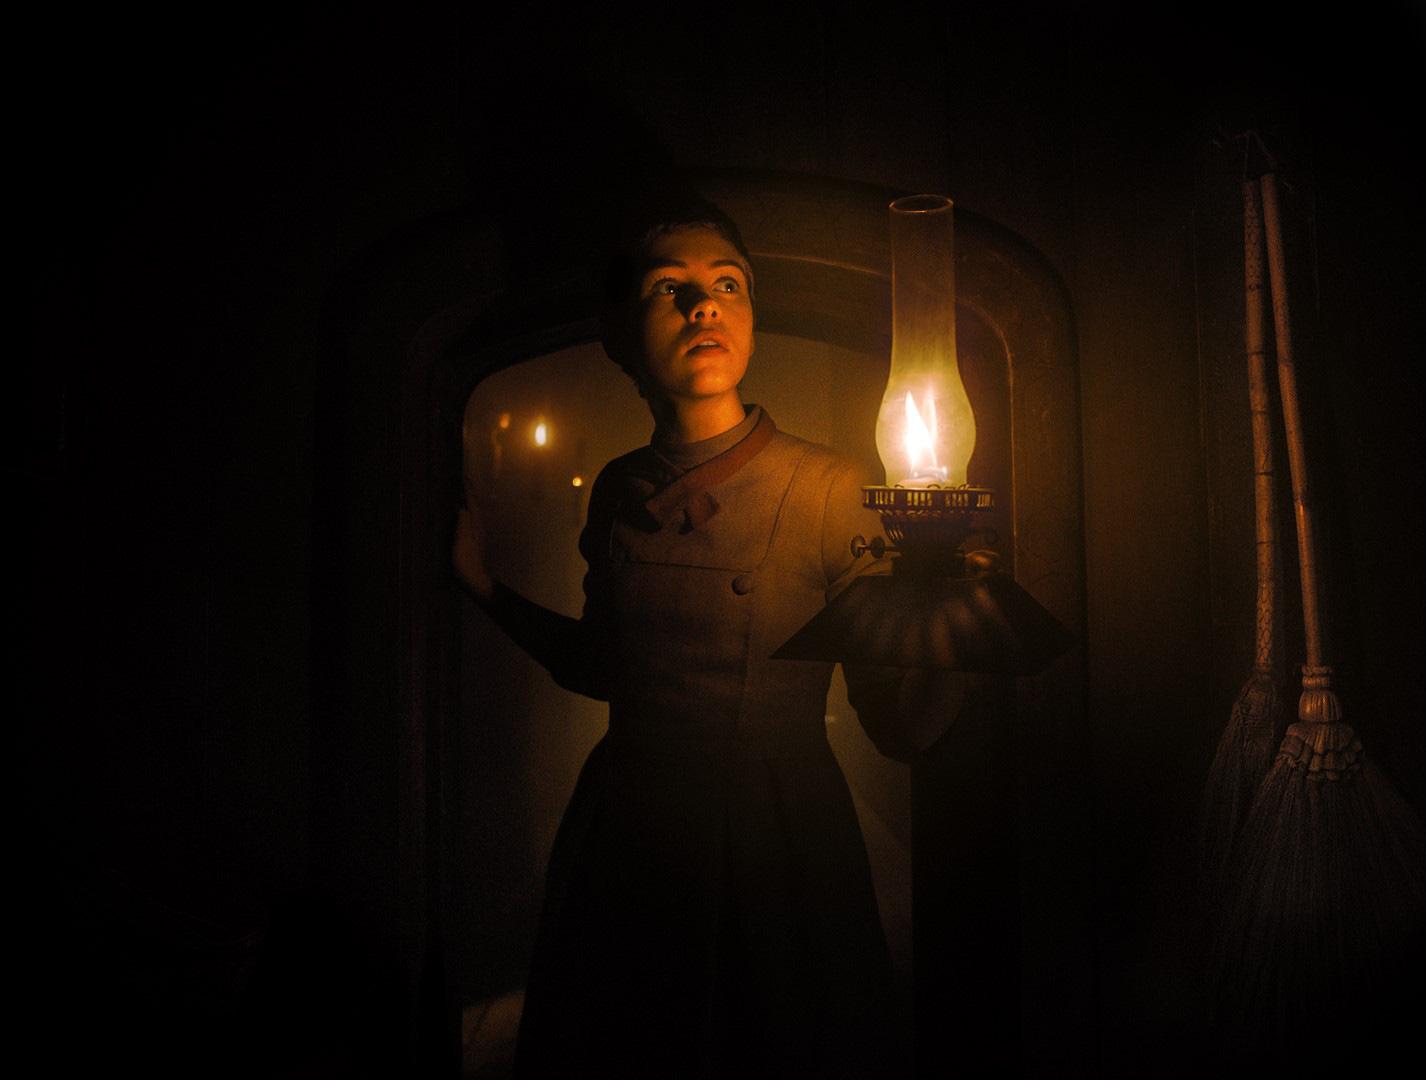 Gretel & Hansel: Truyện cổ kỳ dị: Khi cổ tích mang màu kinh dị - Ảnh 1.